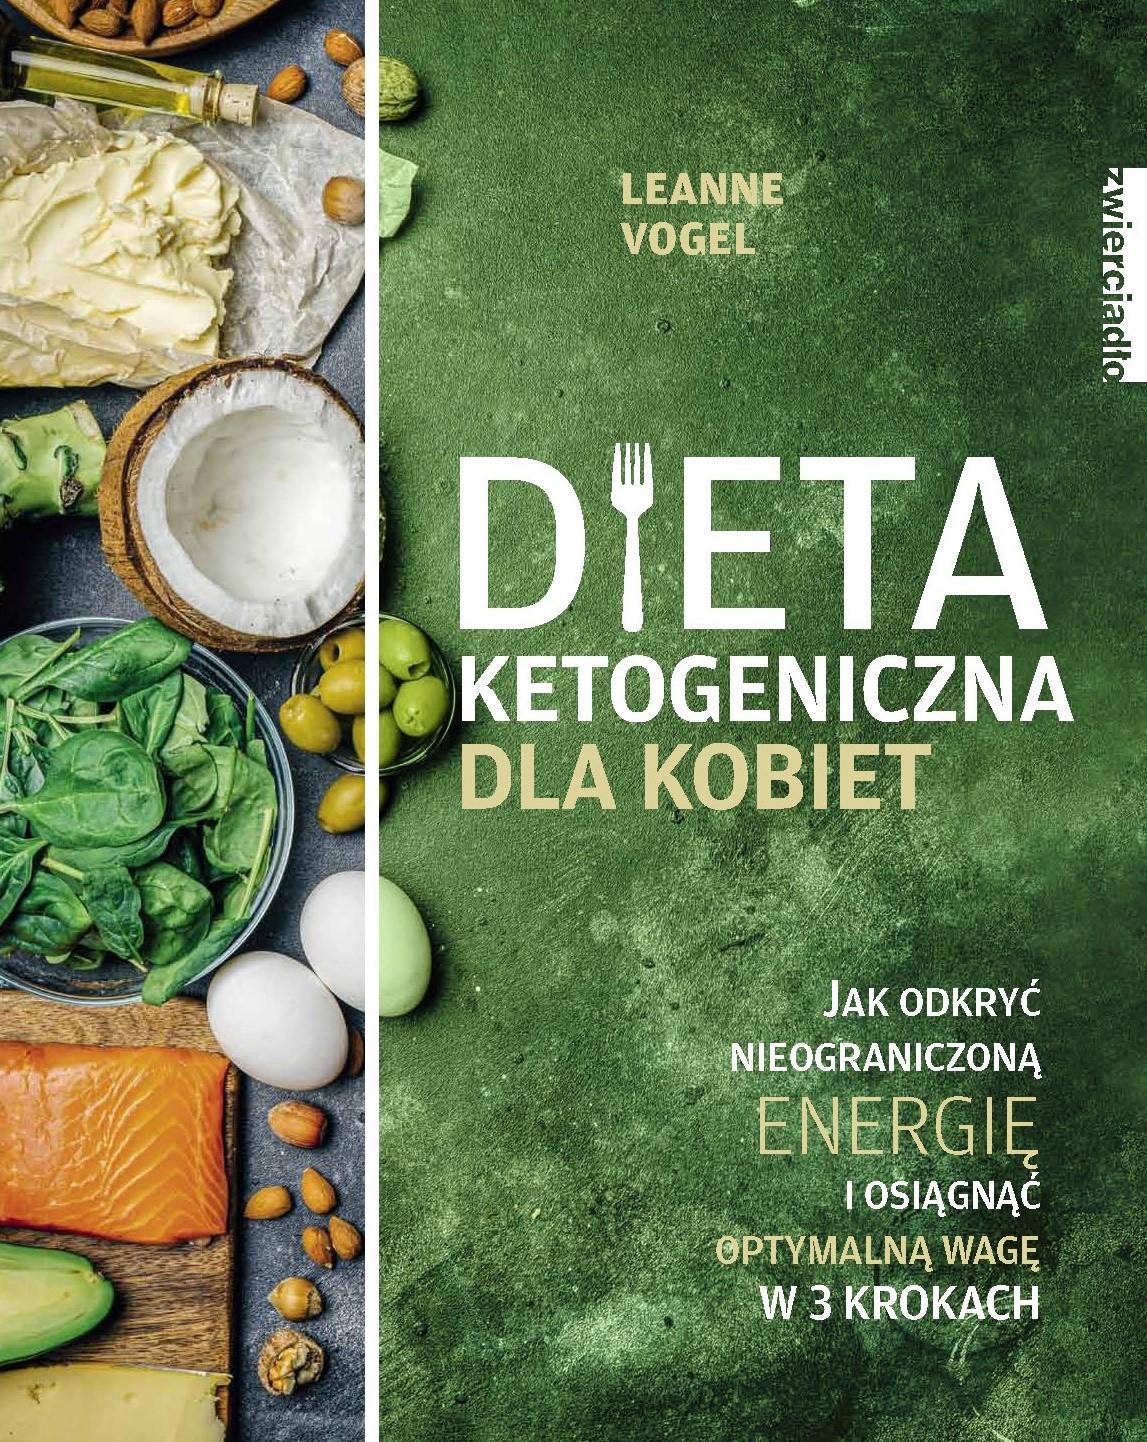 Dieta ketogeniczna dla kobiet. Jak odkryć nieograniczoną energię i osiągnąć optymalną wagę w 3 krokach - Leanne Vogel